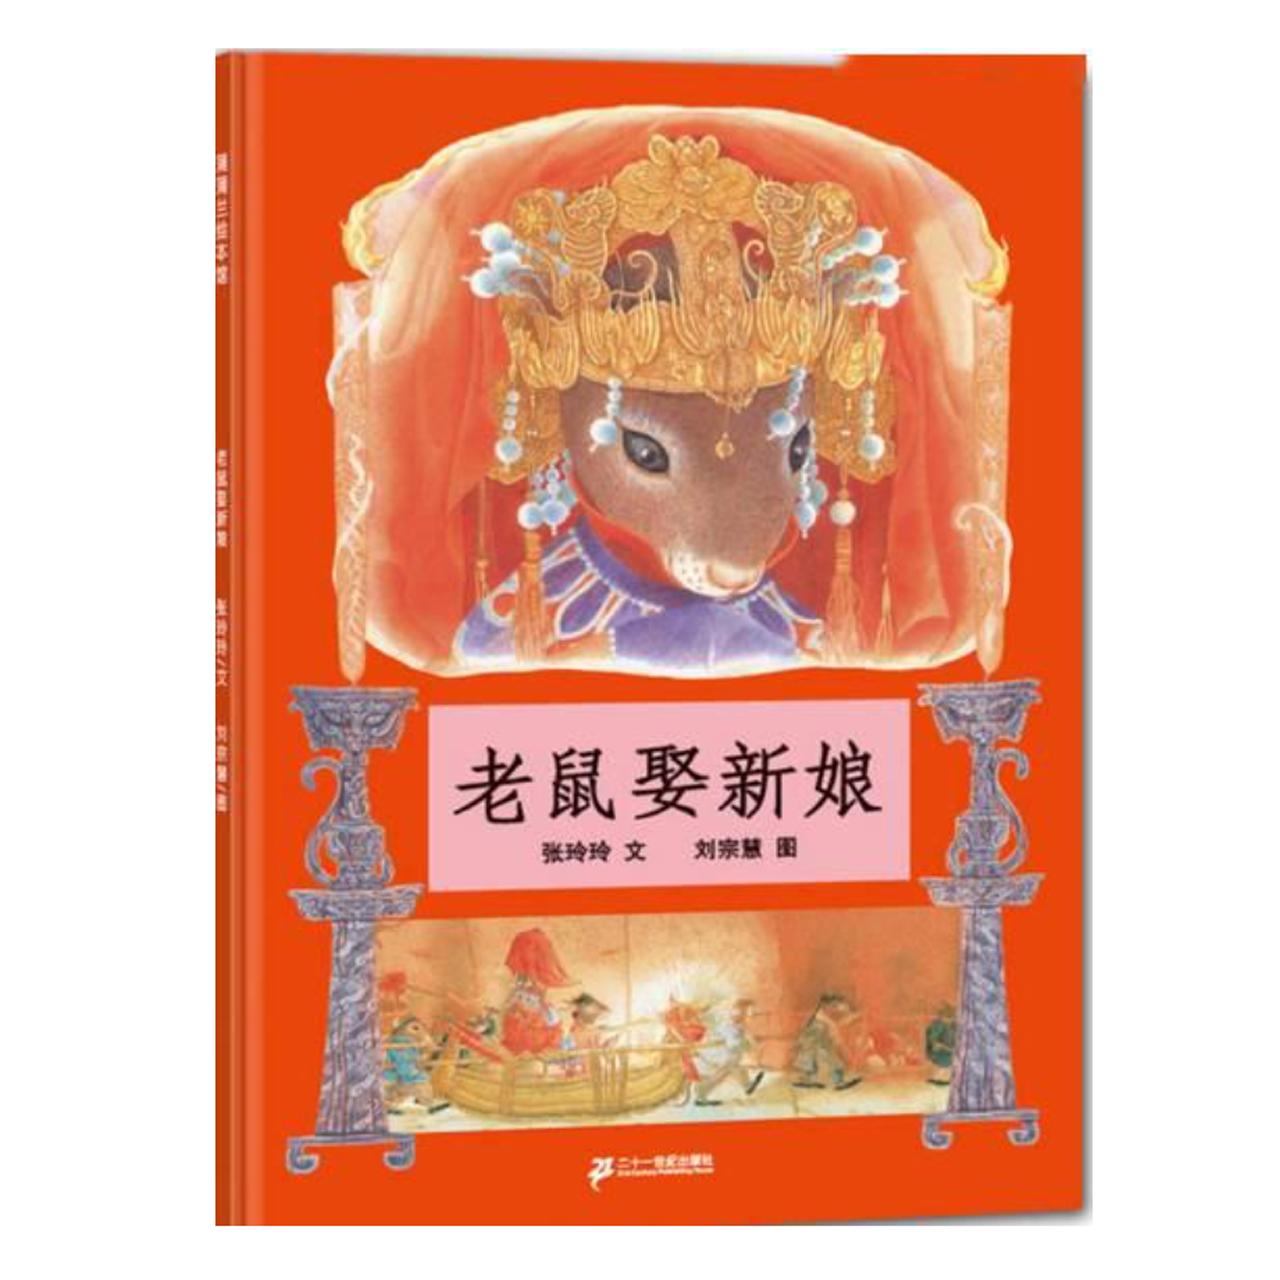 老鼠娶新娘【儿童绘本/有趣绘本/民间传说故事】